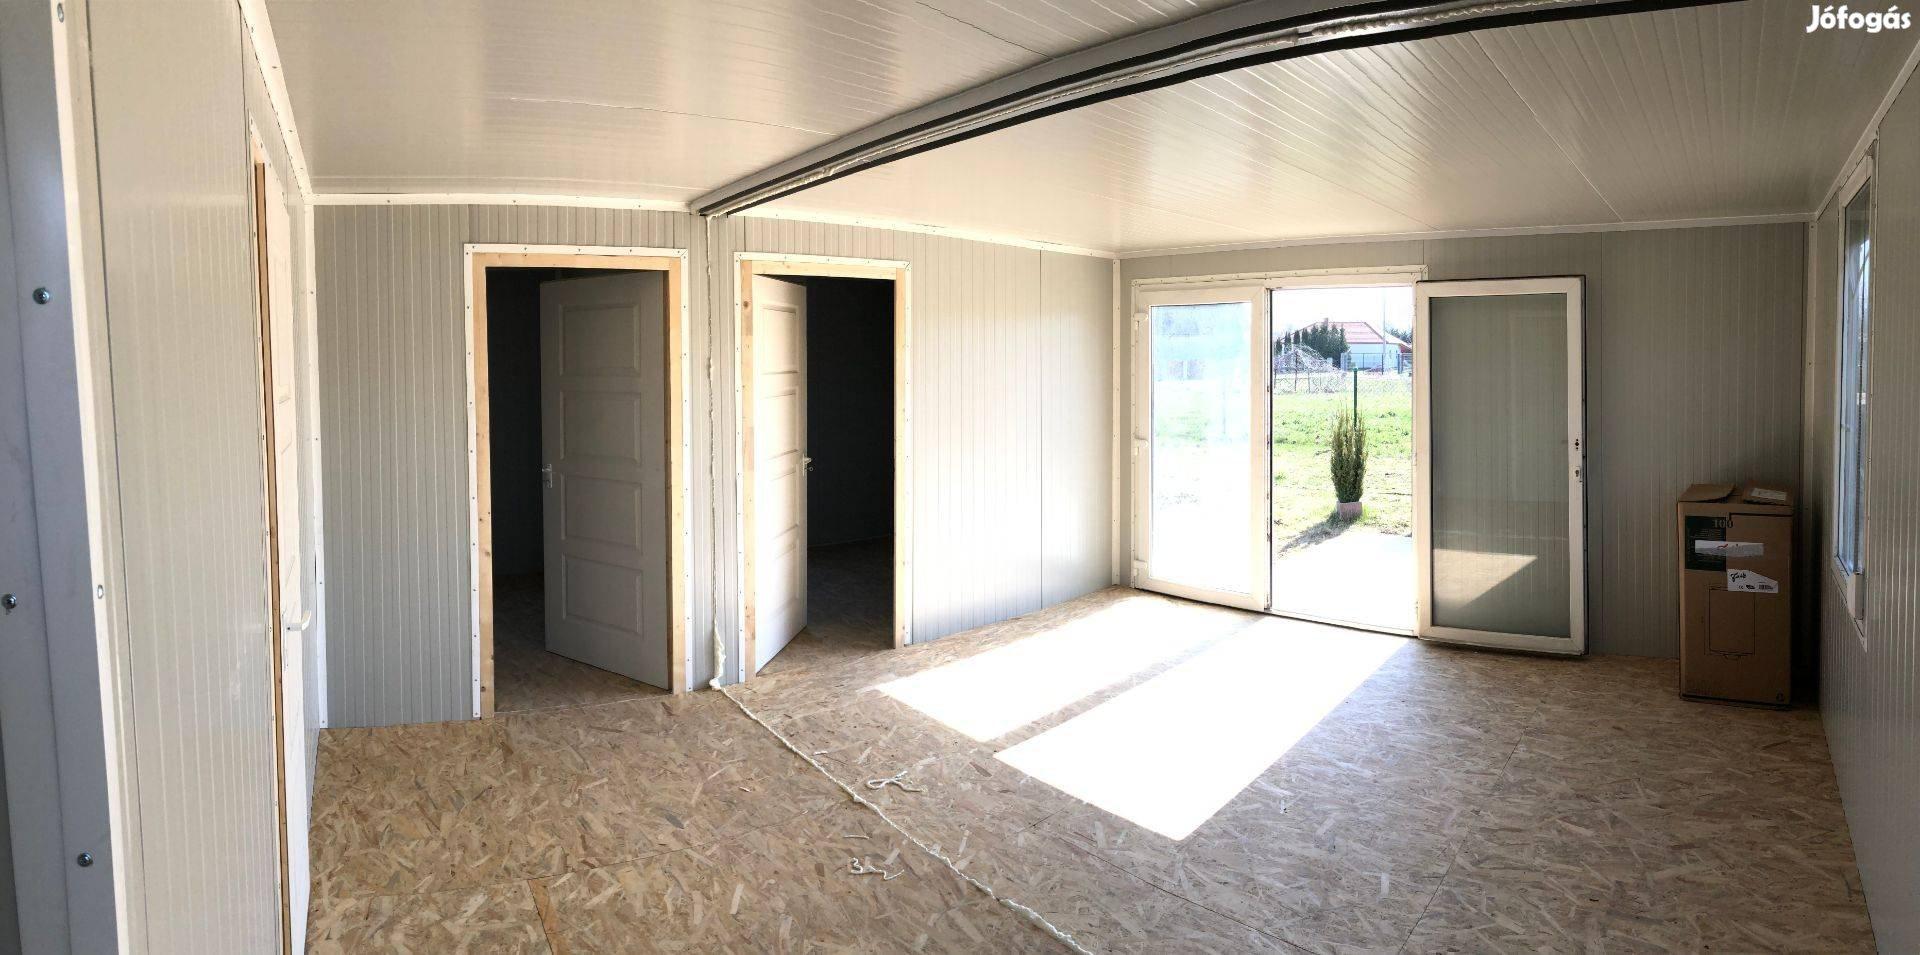 Balaton Hétvégi Ház, Szigetelt Mobilház